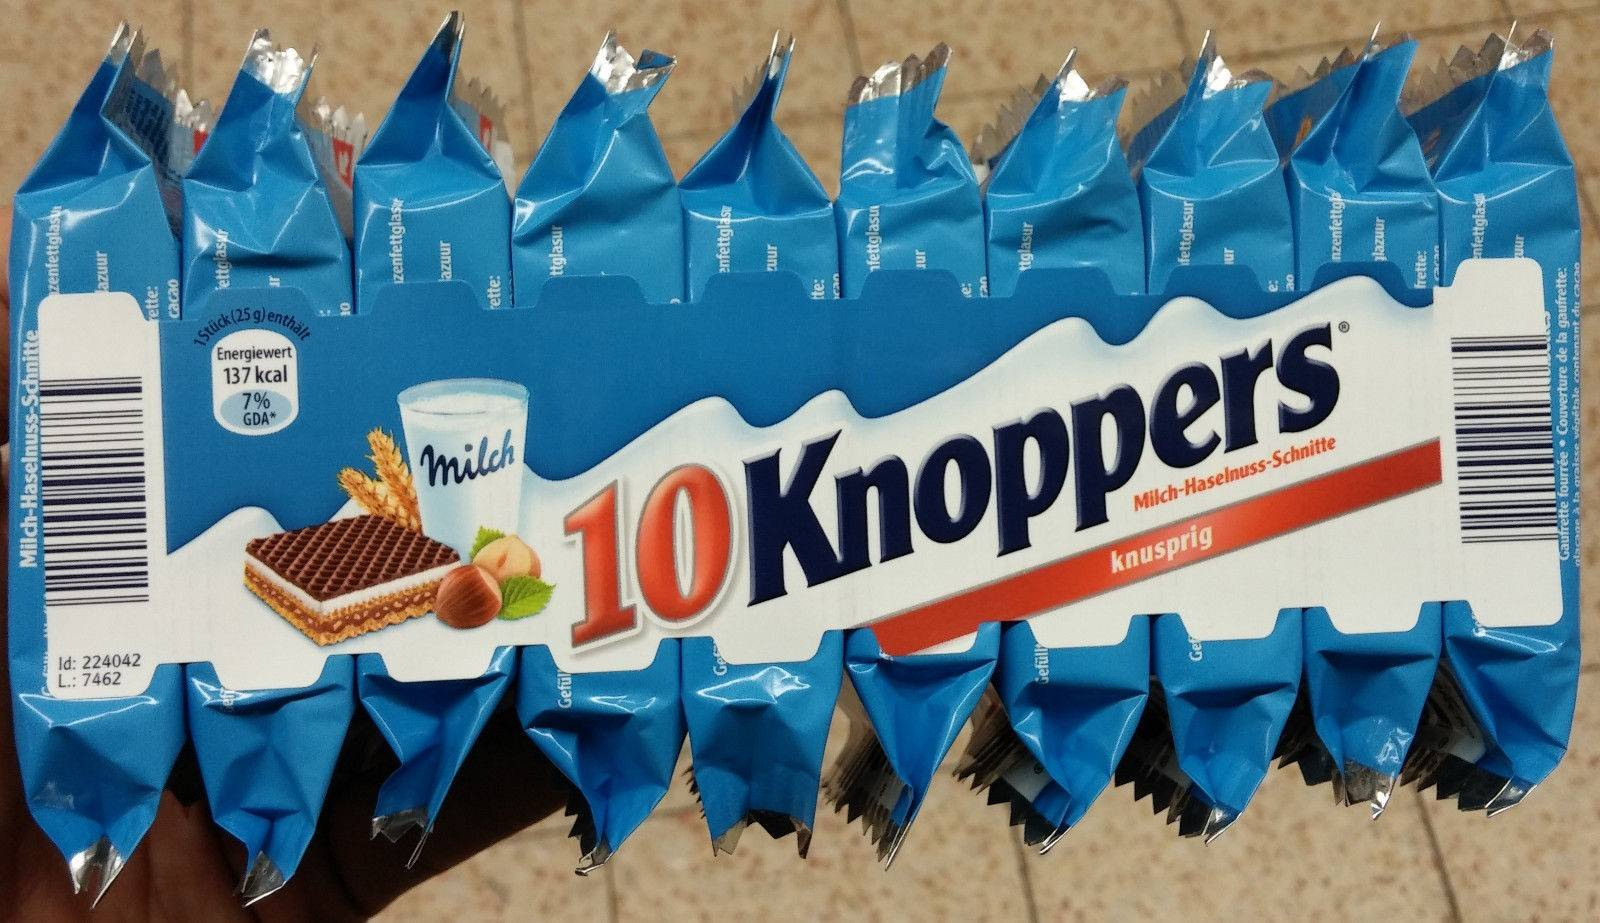 German Storck Knoppers Chocolate Waffles